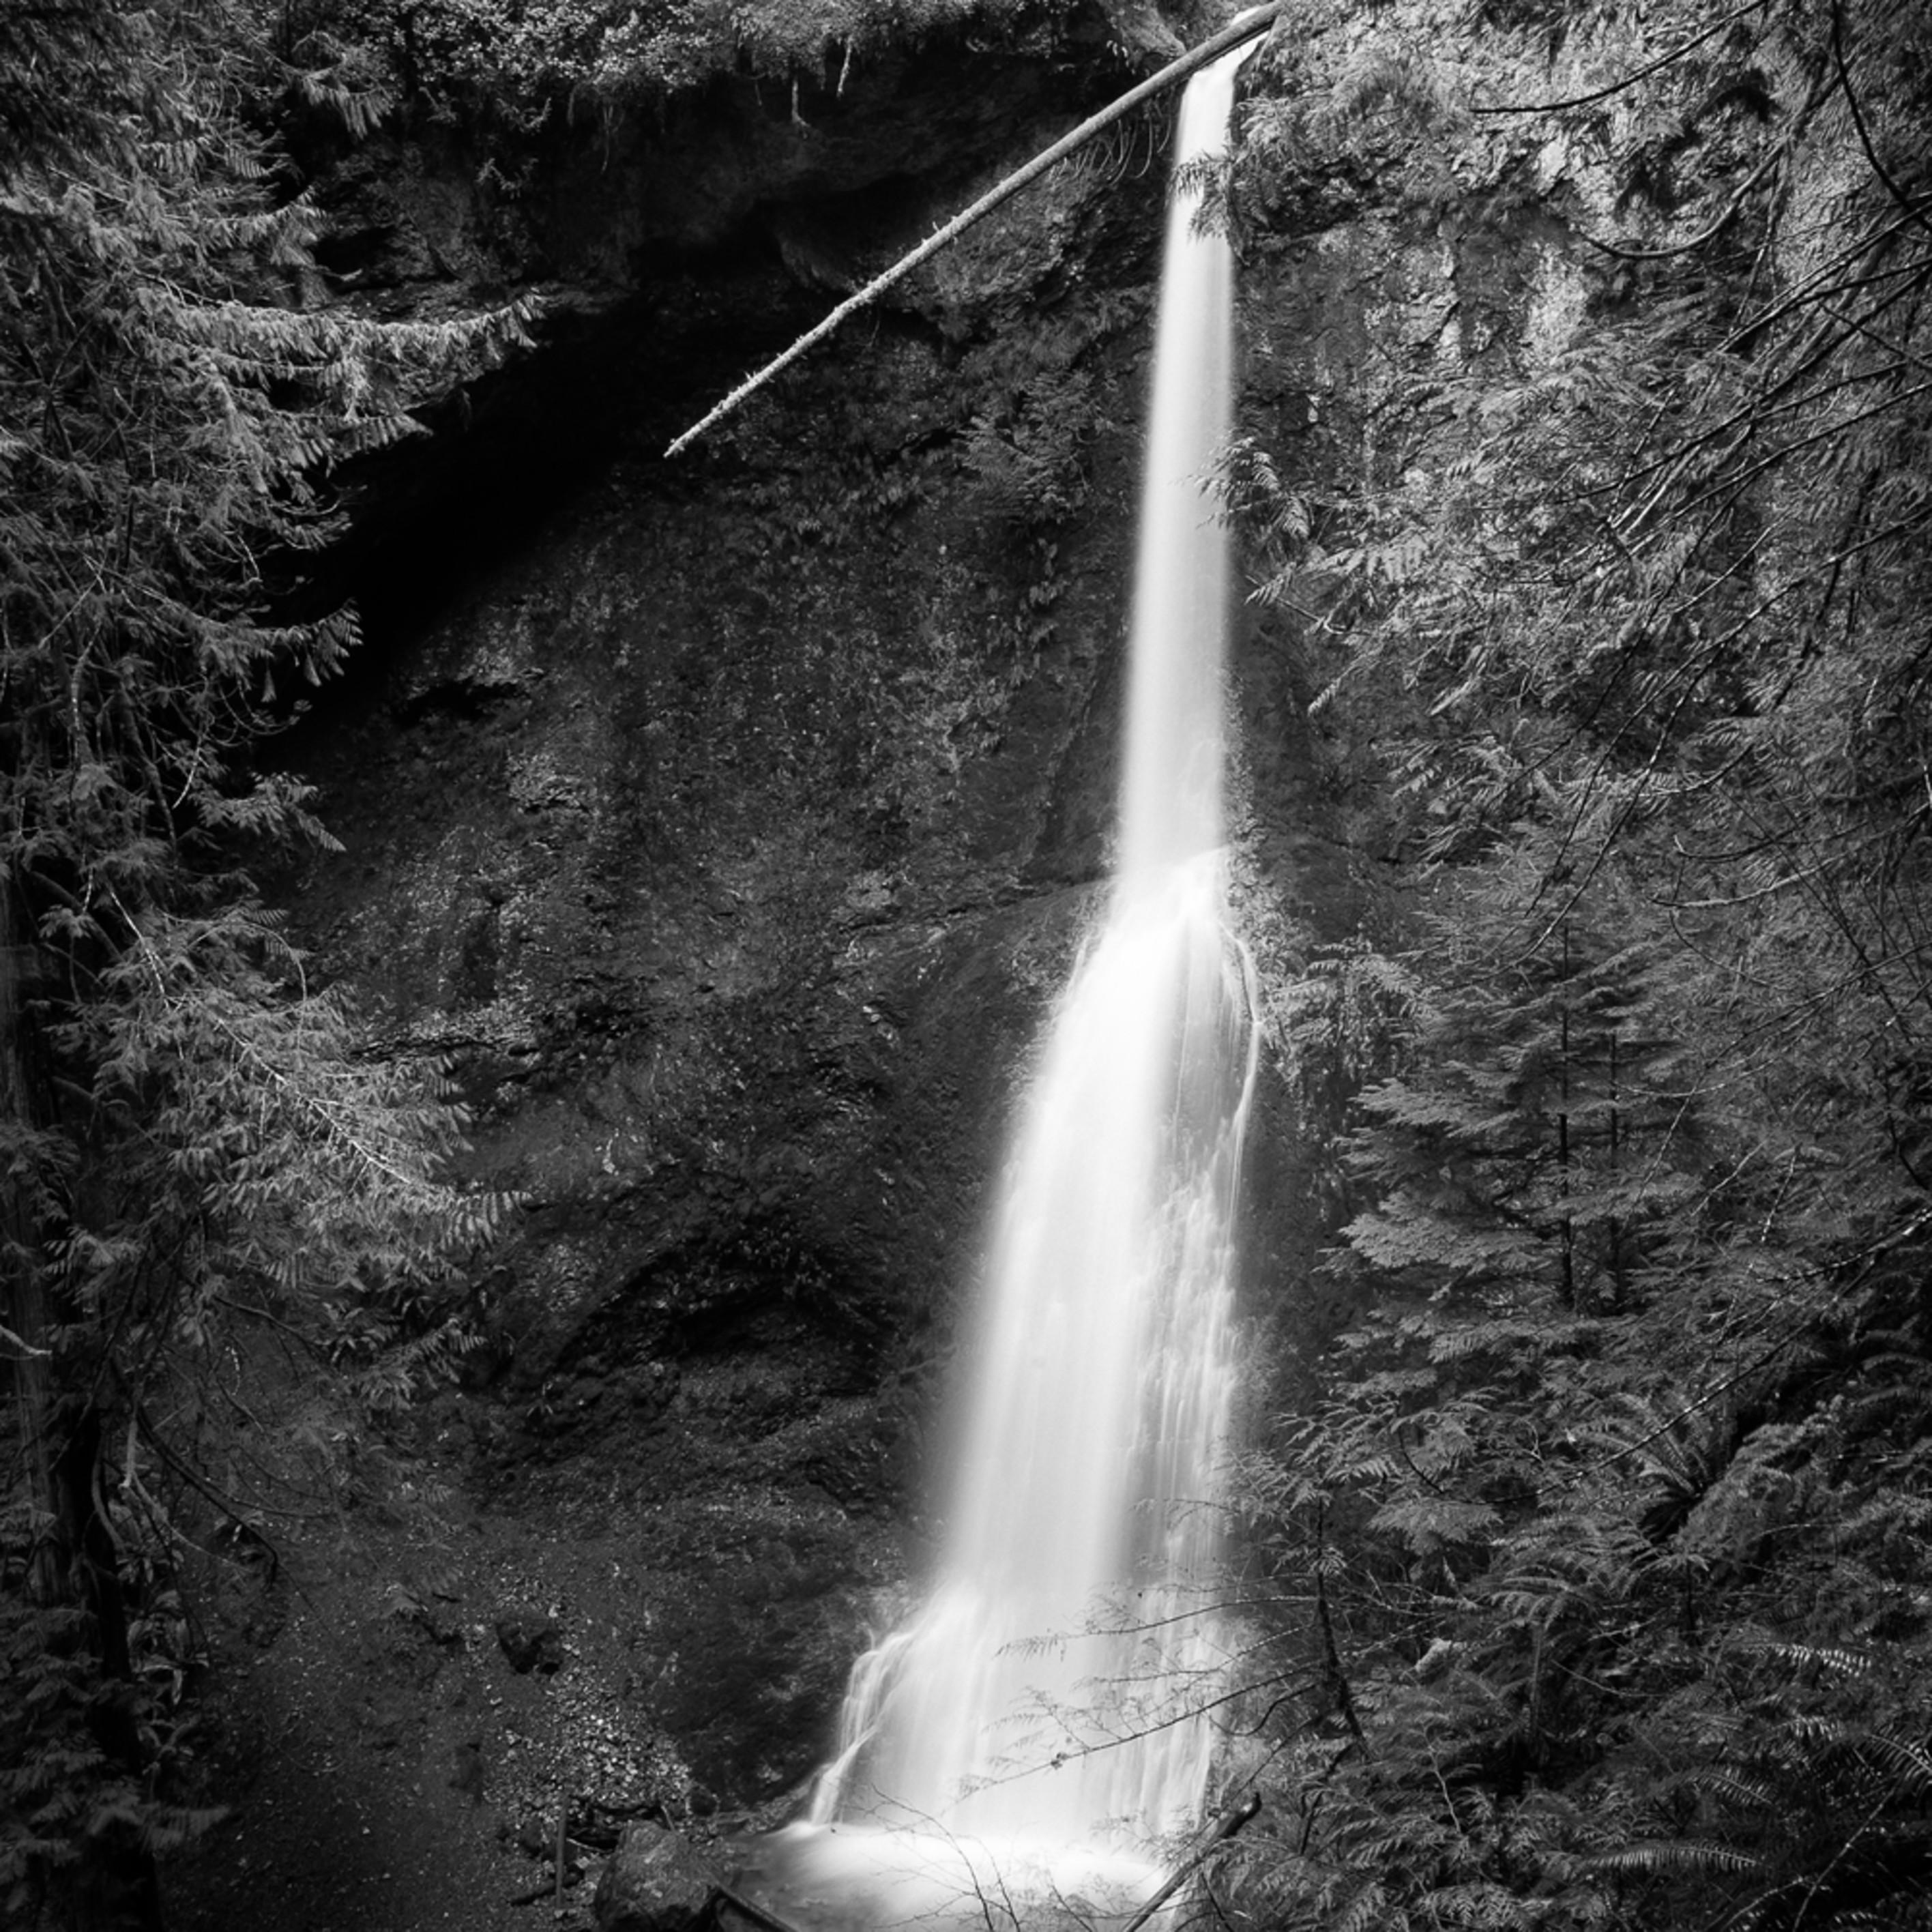 Marymere falls olympic national park washington 2016 bv9bud